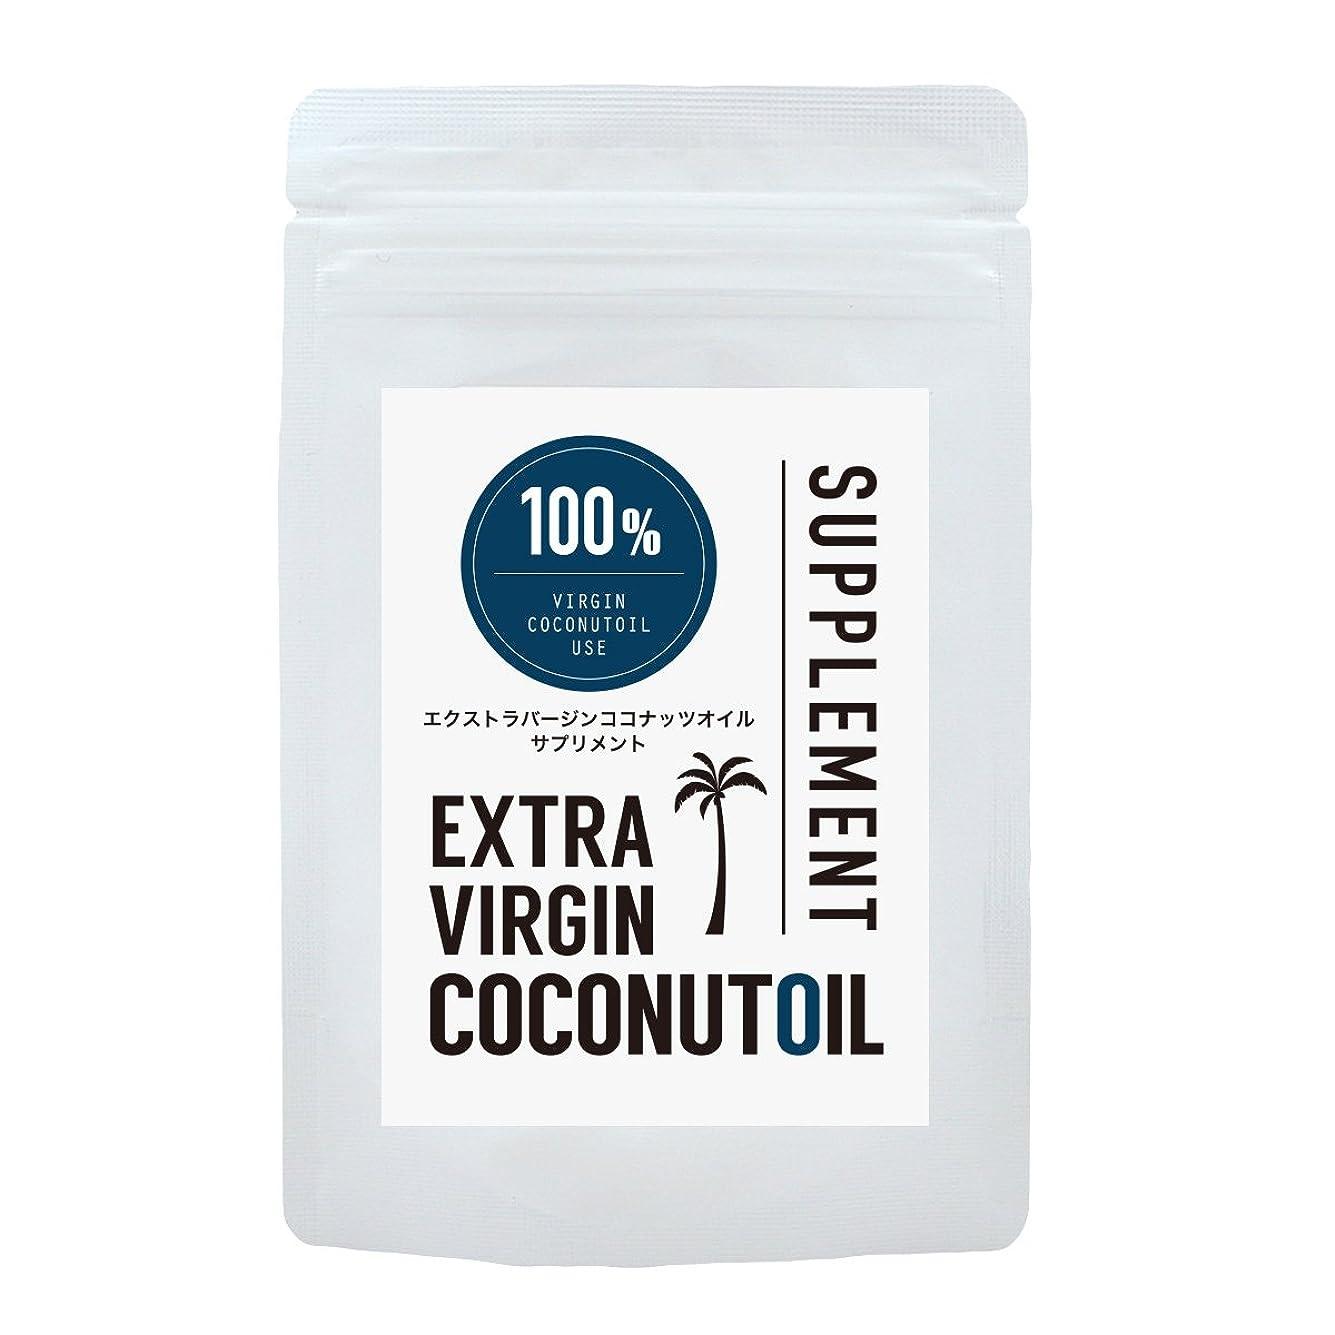 高める気づく物語エクストラヴァージン ココナッツオイル サプリメント 90粒入り 無臭 カプセルタイプ